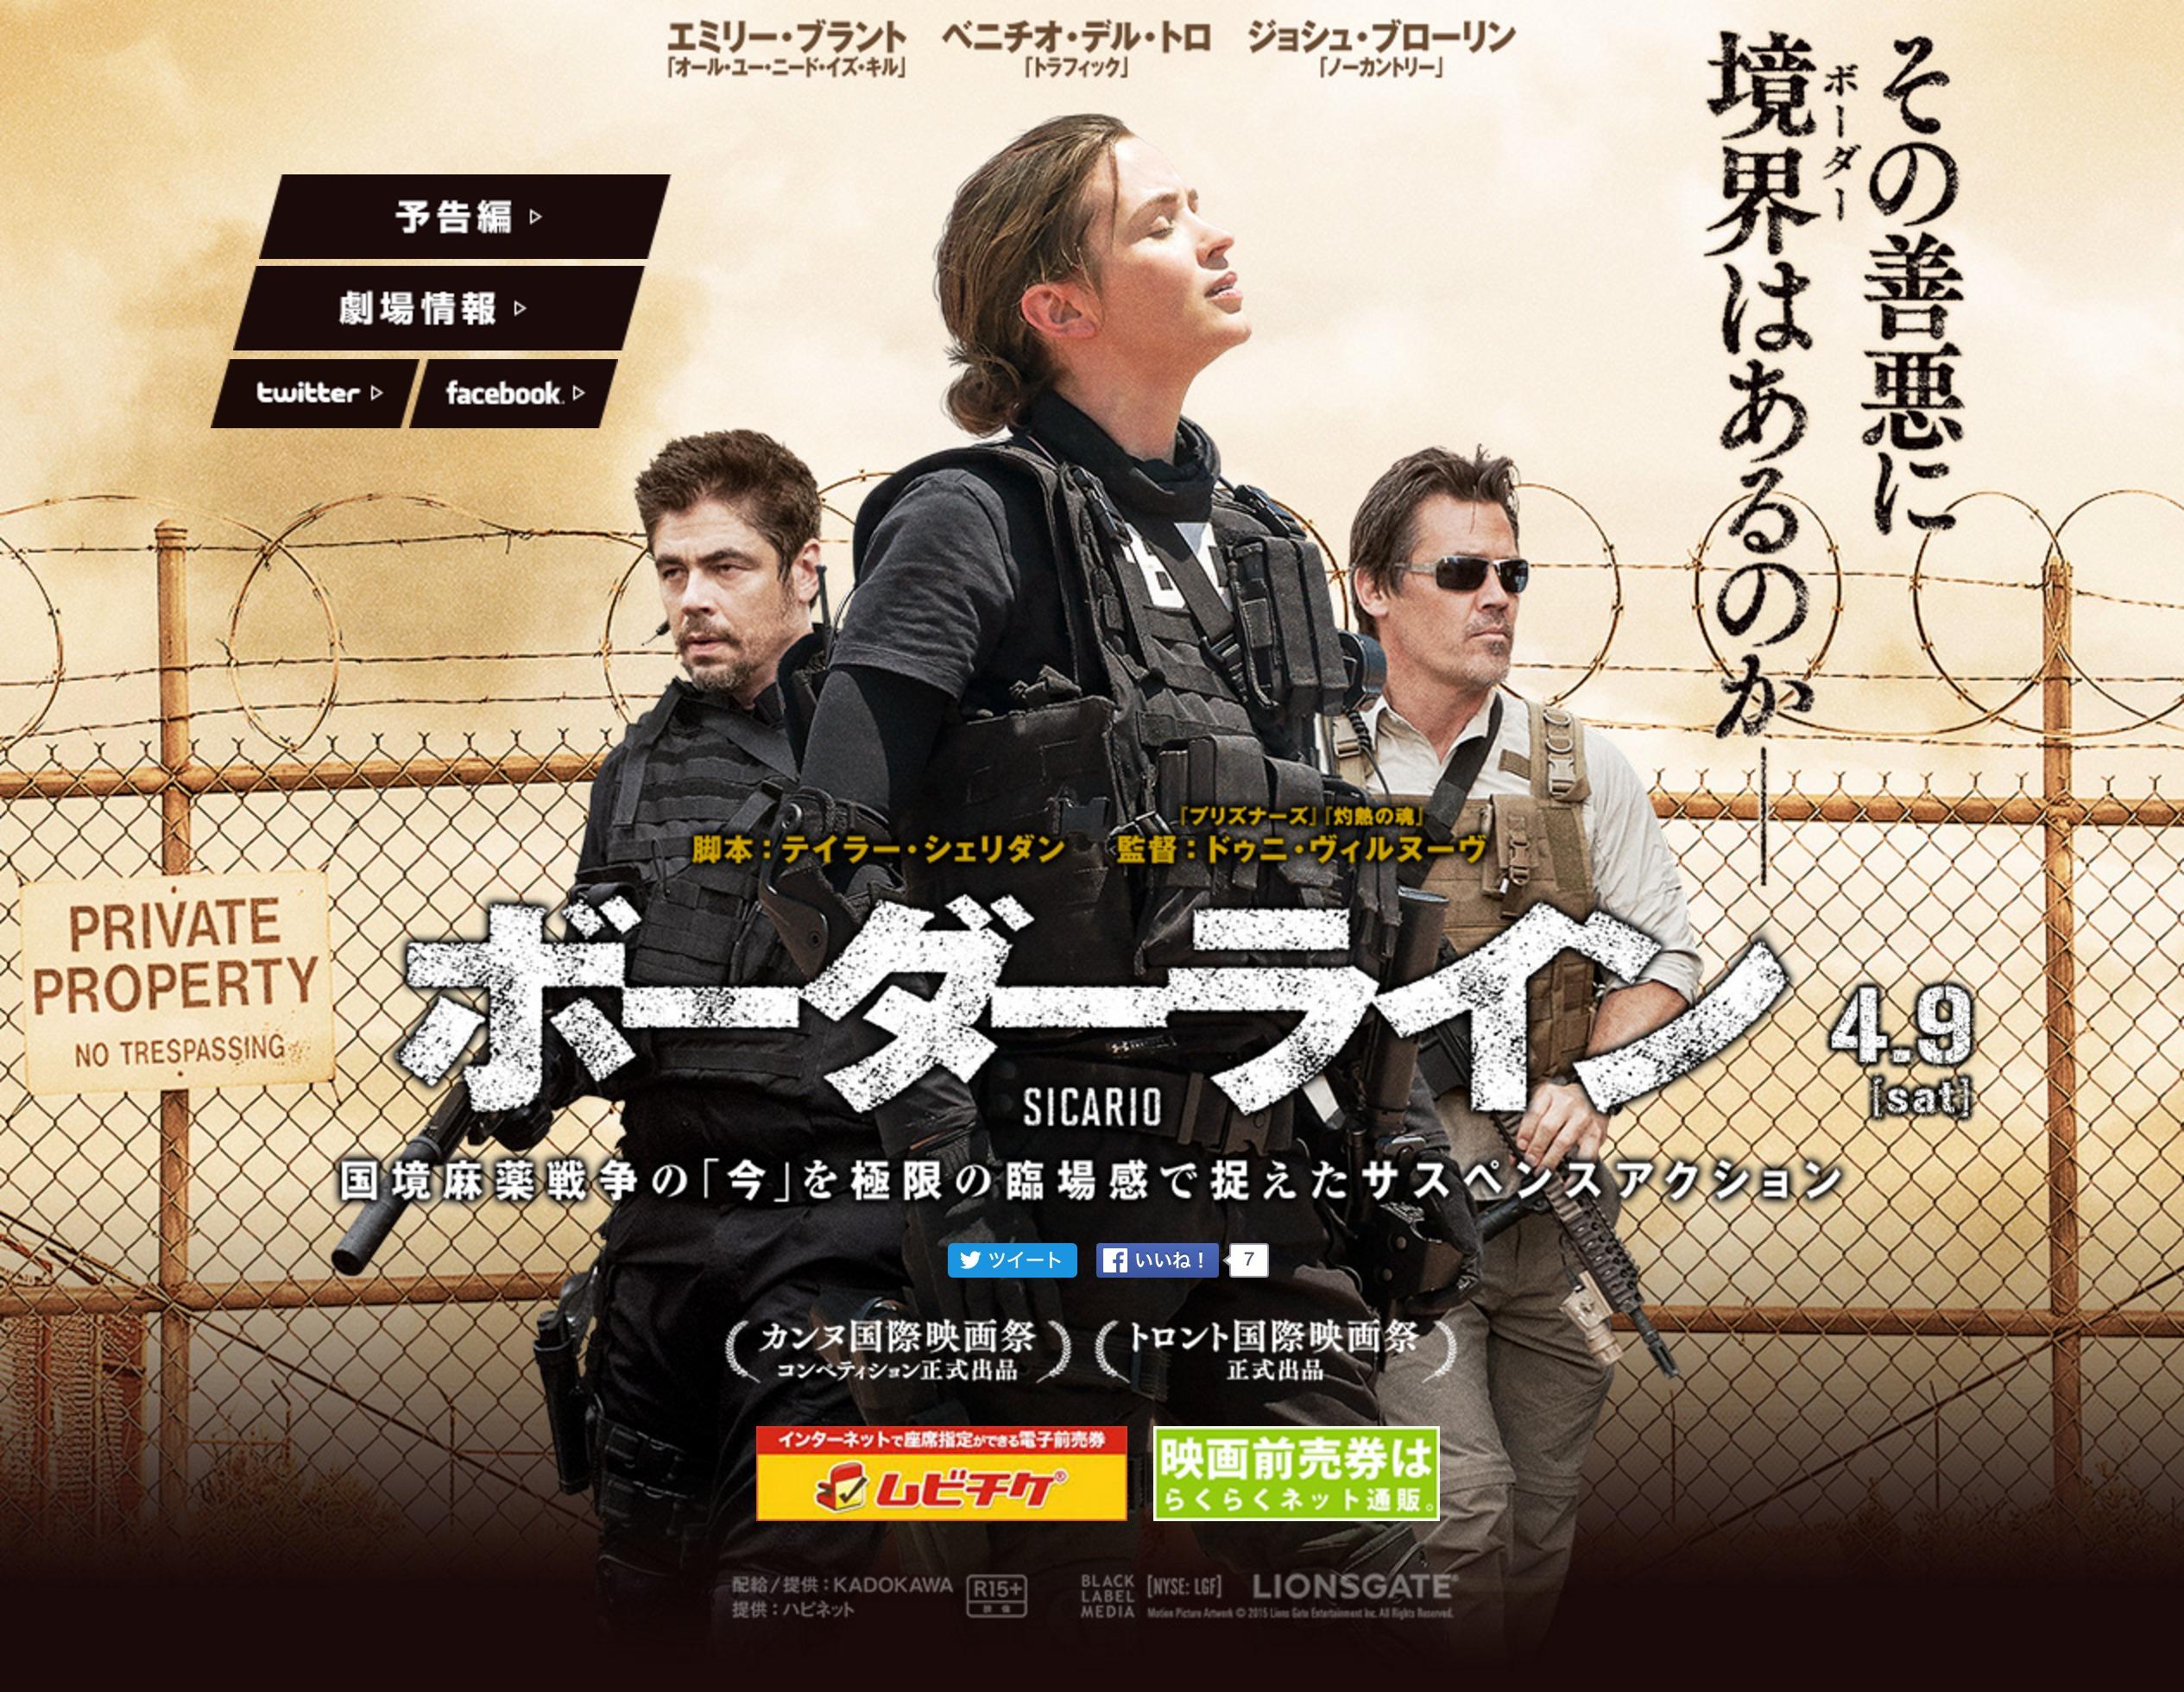 http://moviematome.com